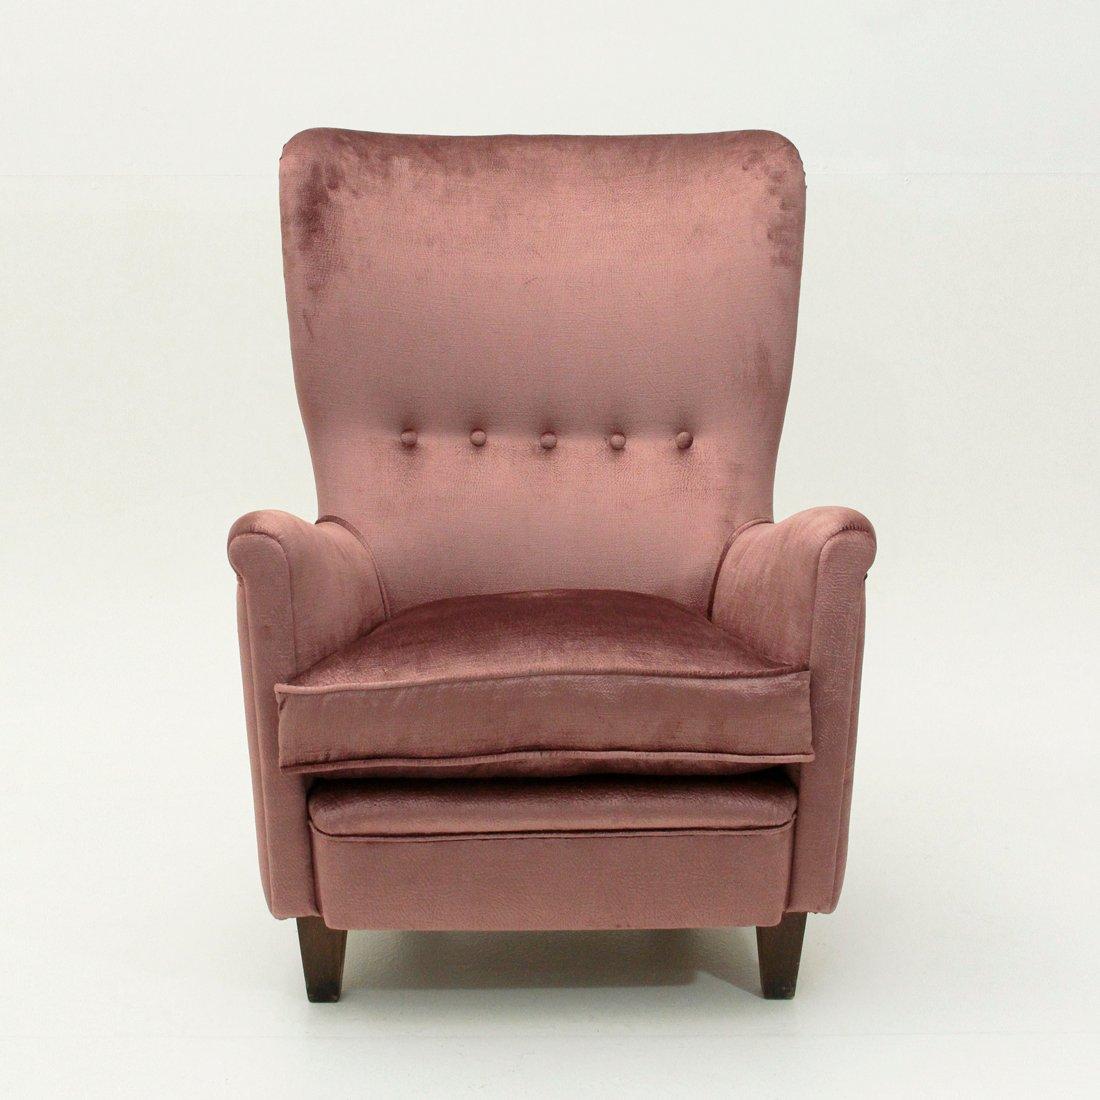 fauteuil en velours rose italie 1950s en vente sur pamono. Black Bedroom Furniture Sets. Home Design Ideas